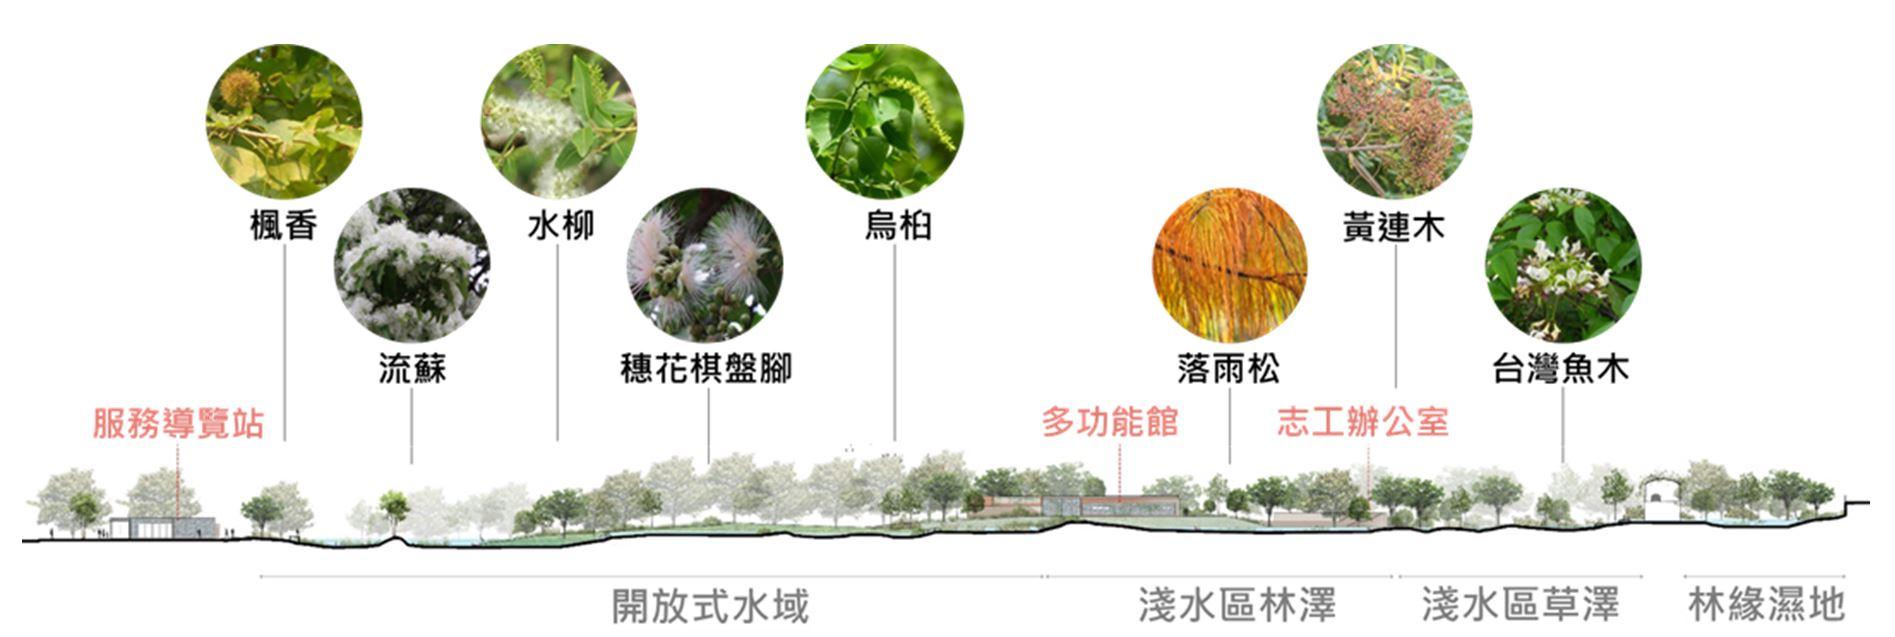 23.重要植栽分布